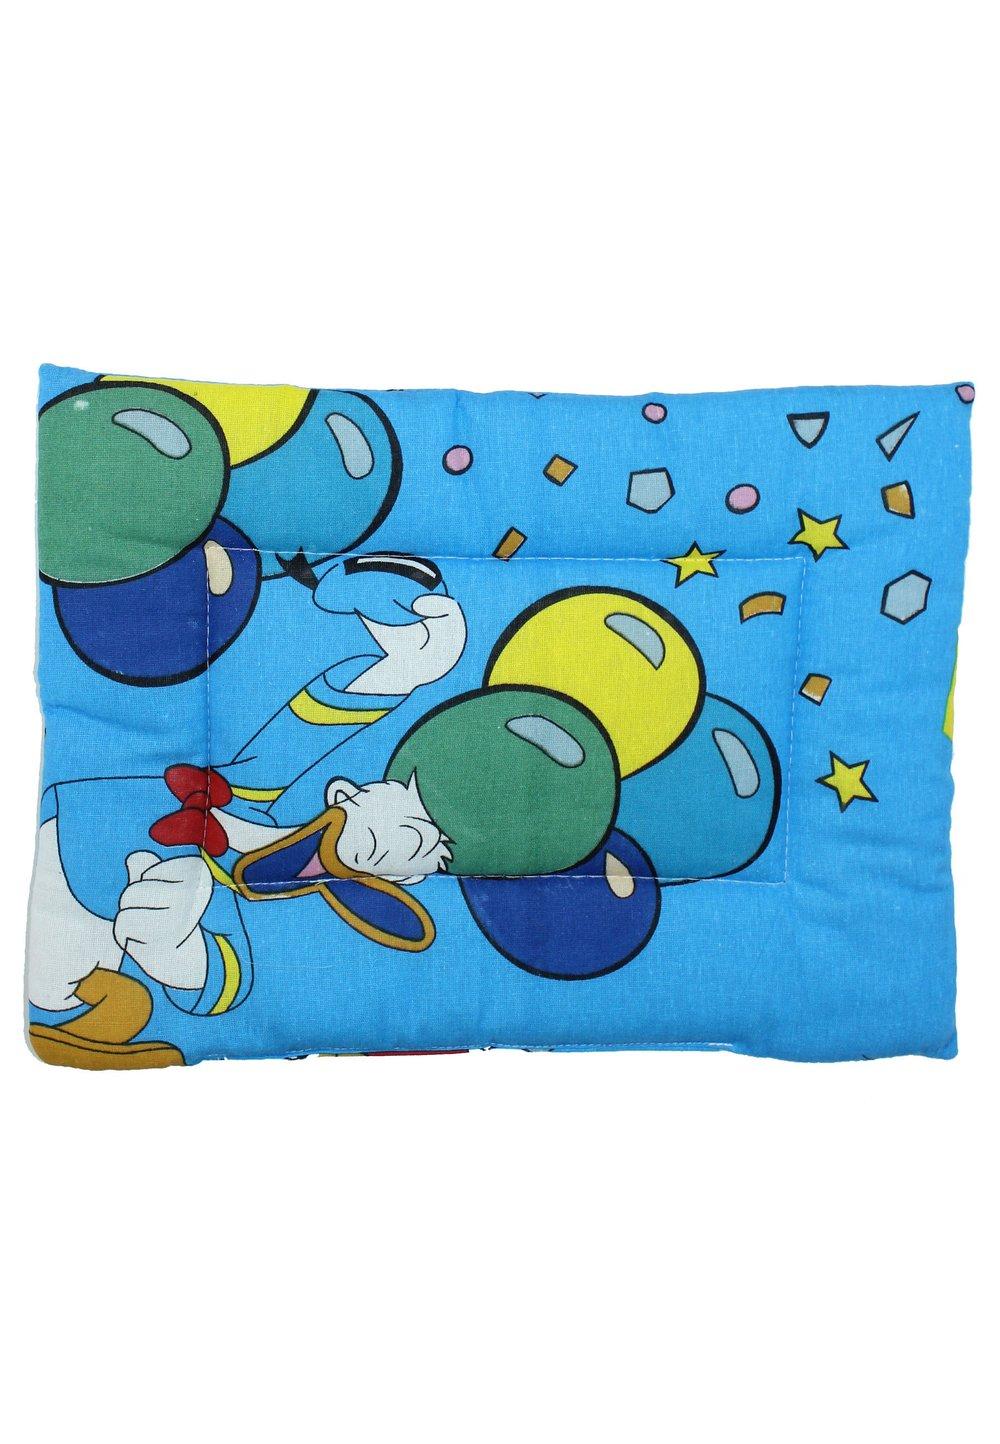 Perna slim, albastra cu buline si stelute, 37x28cm imagine